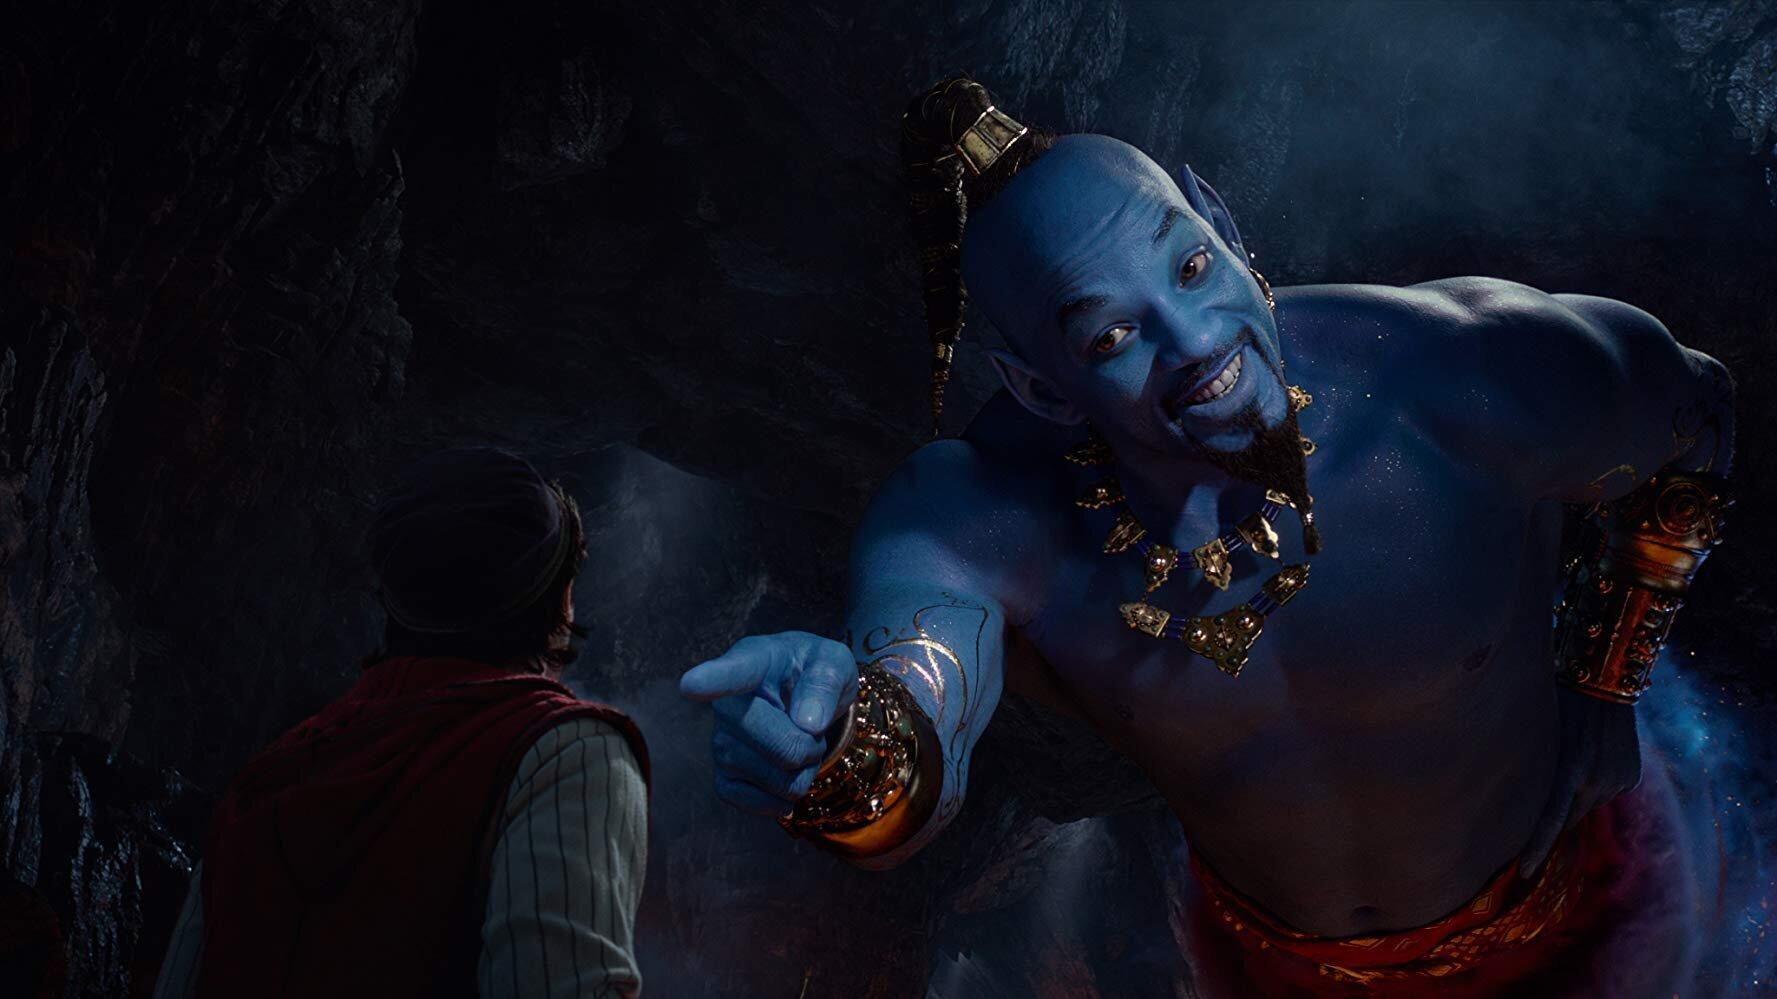 Live-action de Aladdin vai dar um abraço quentinho no coração dos fãs do